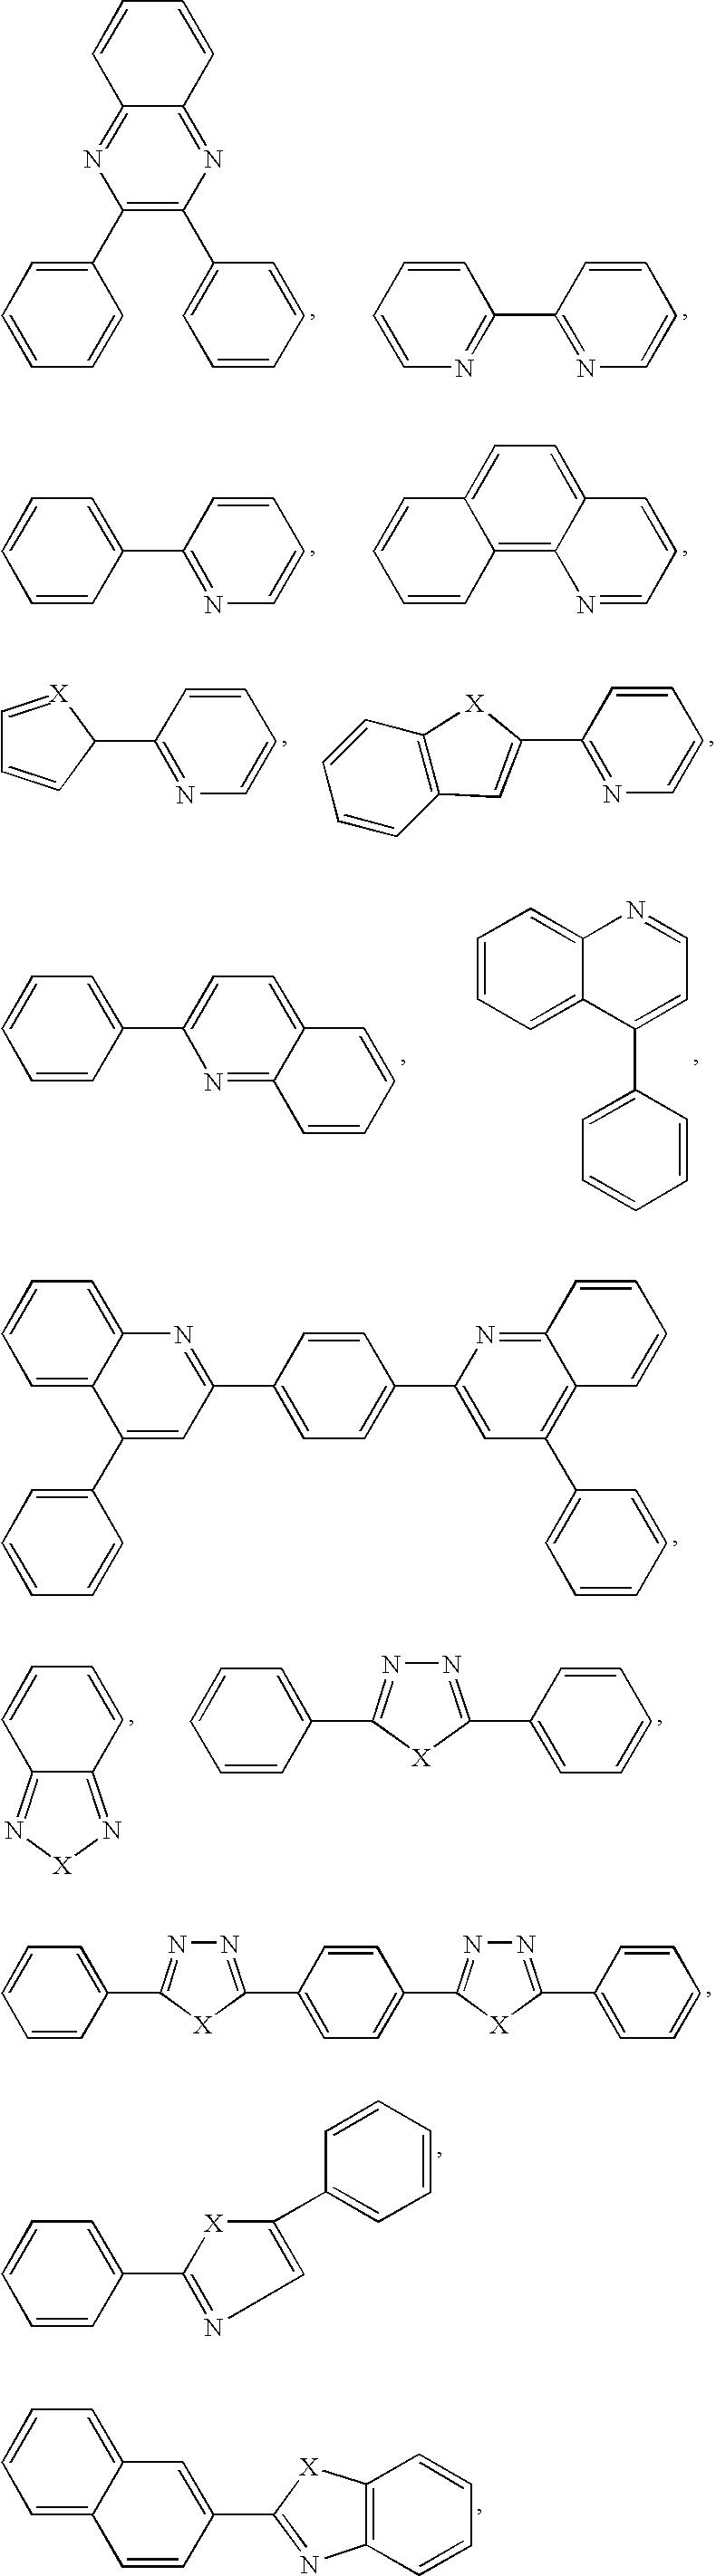 Figure US20070107835A1-20070517-C00010